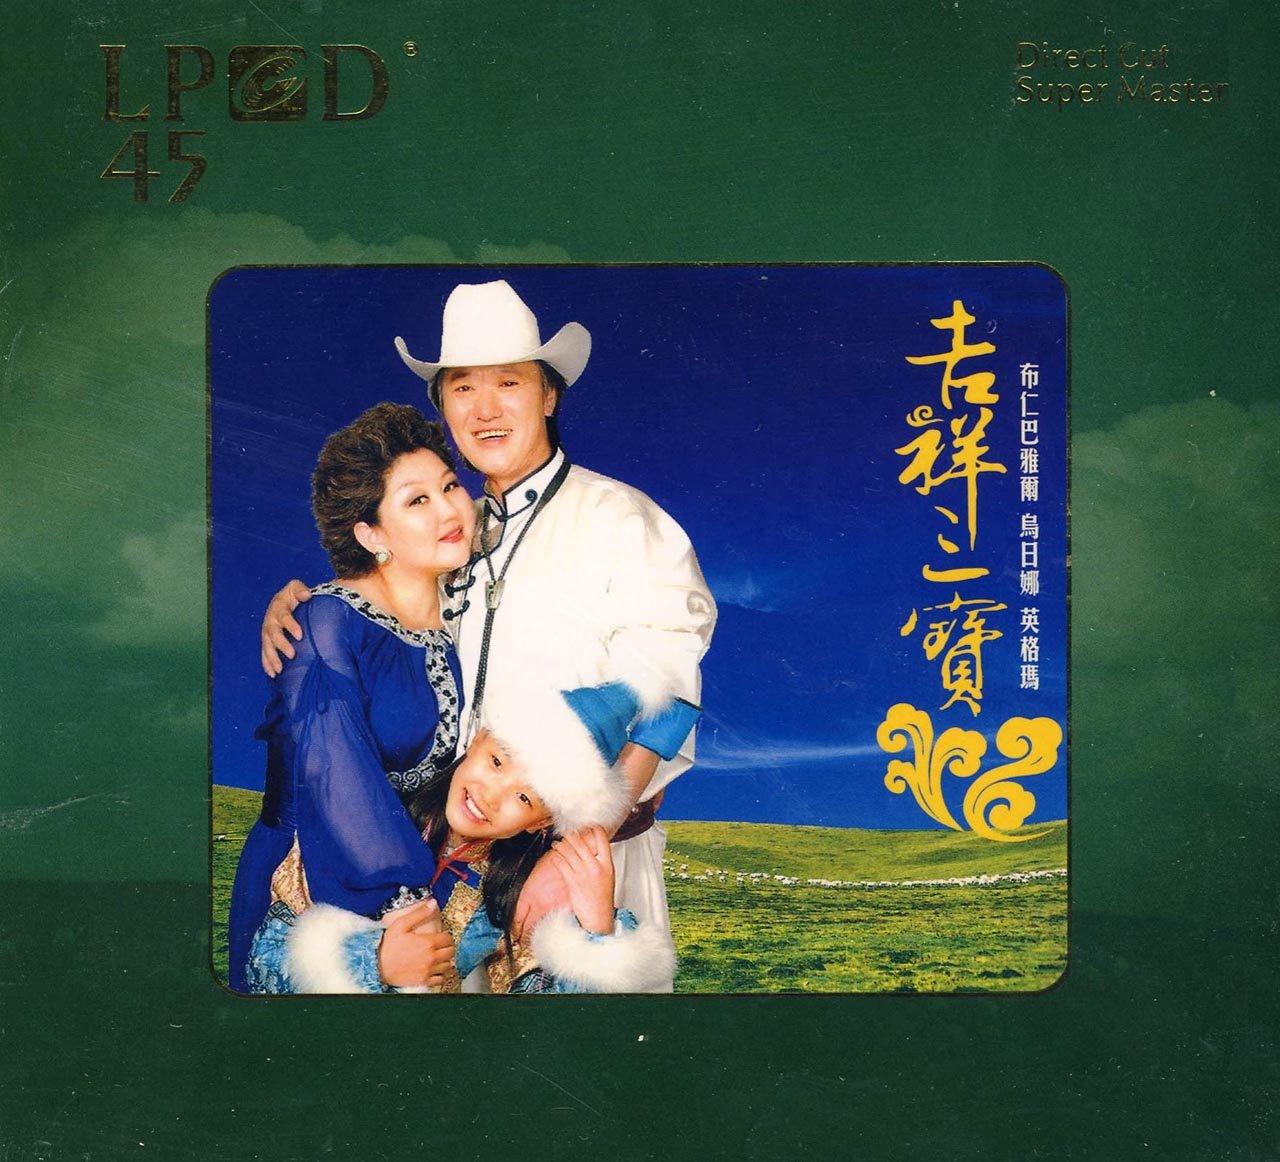 吉祥三宝(cd)图片